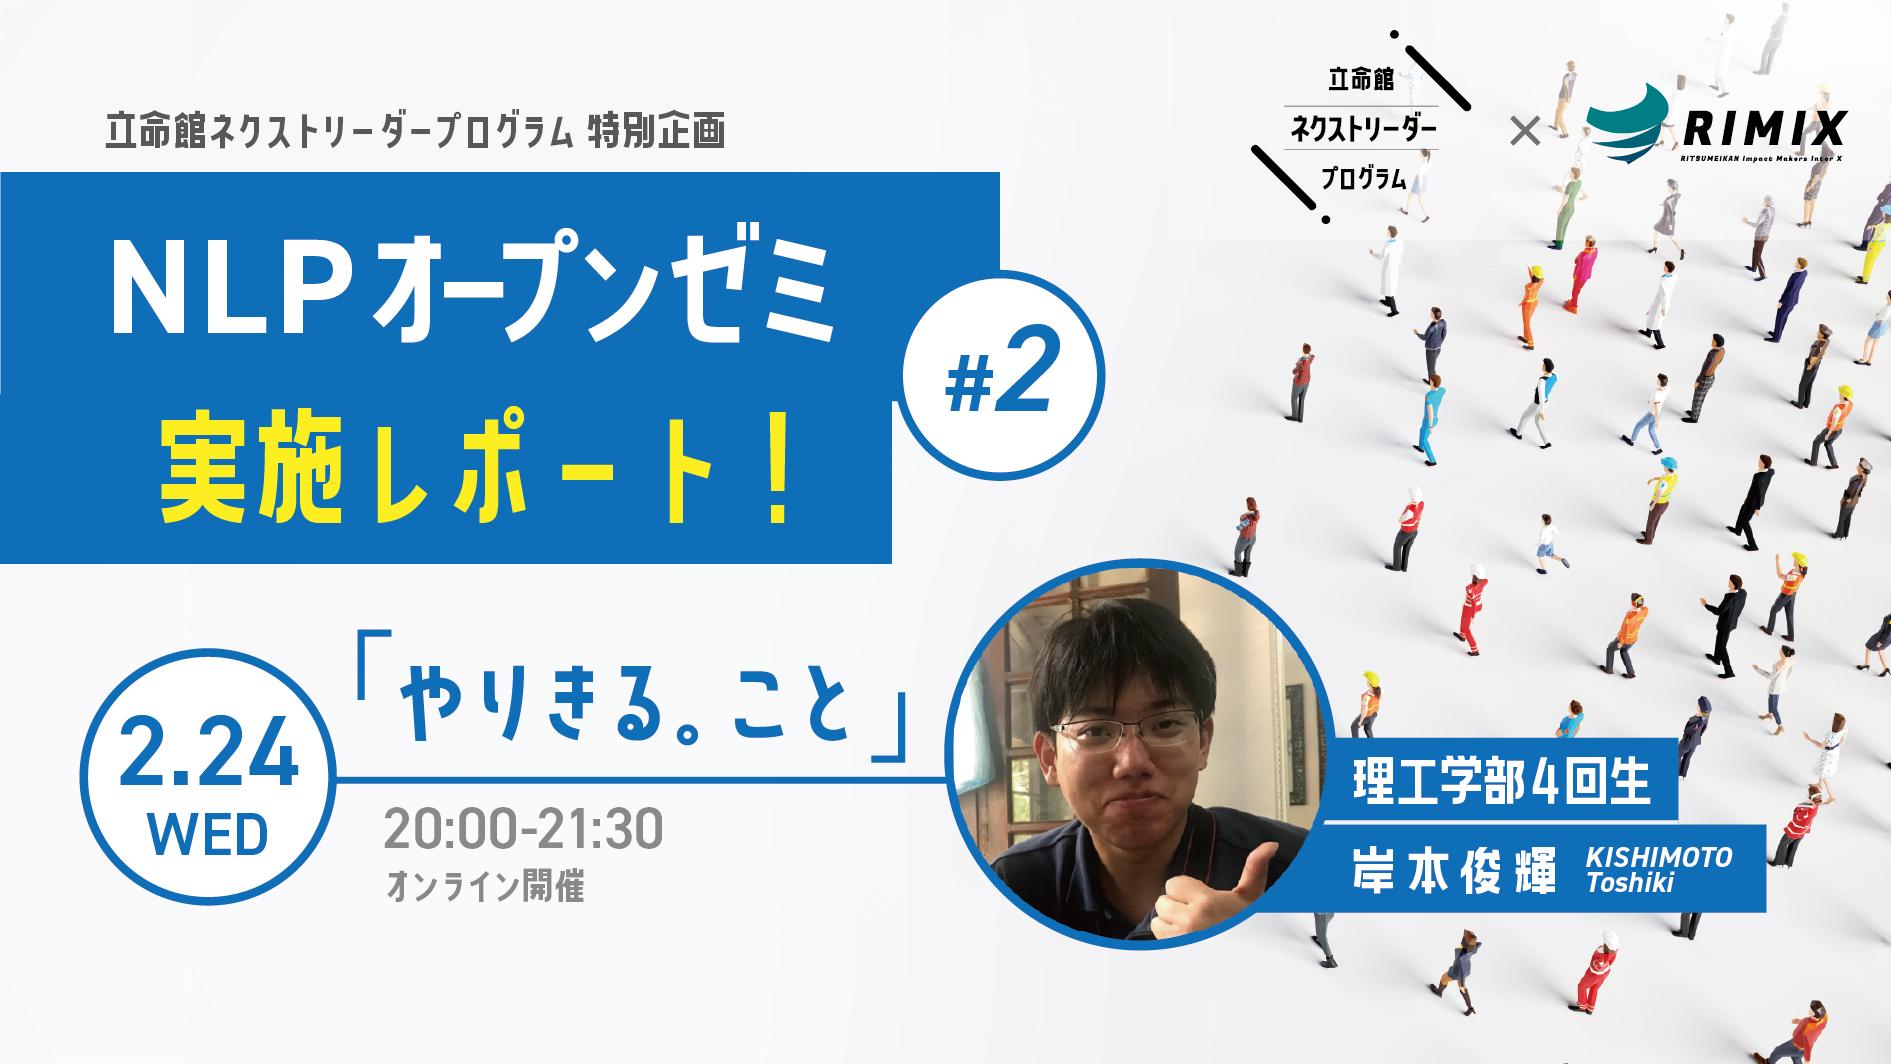 【NLPオープンゼミ#2】岸本俊輝と語る『やりきる。こと』実施レポート